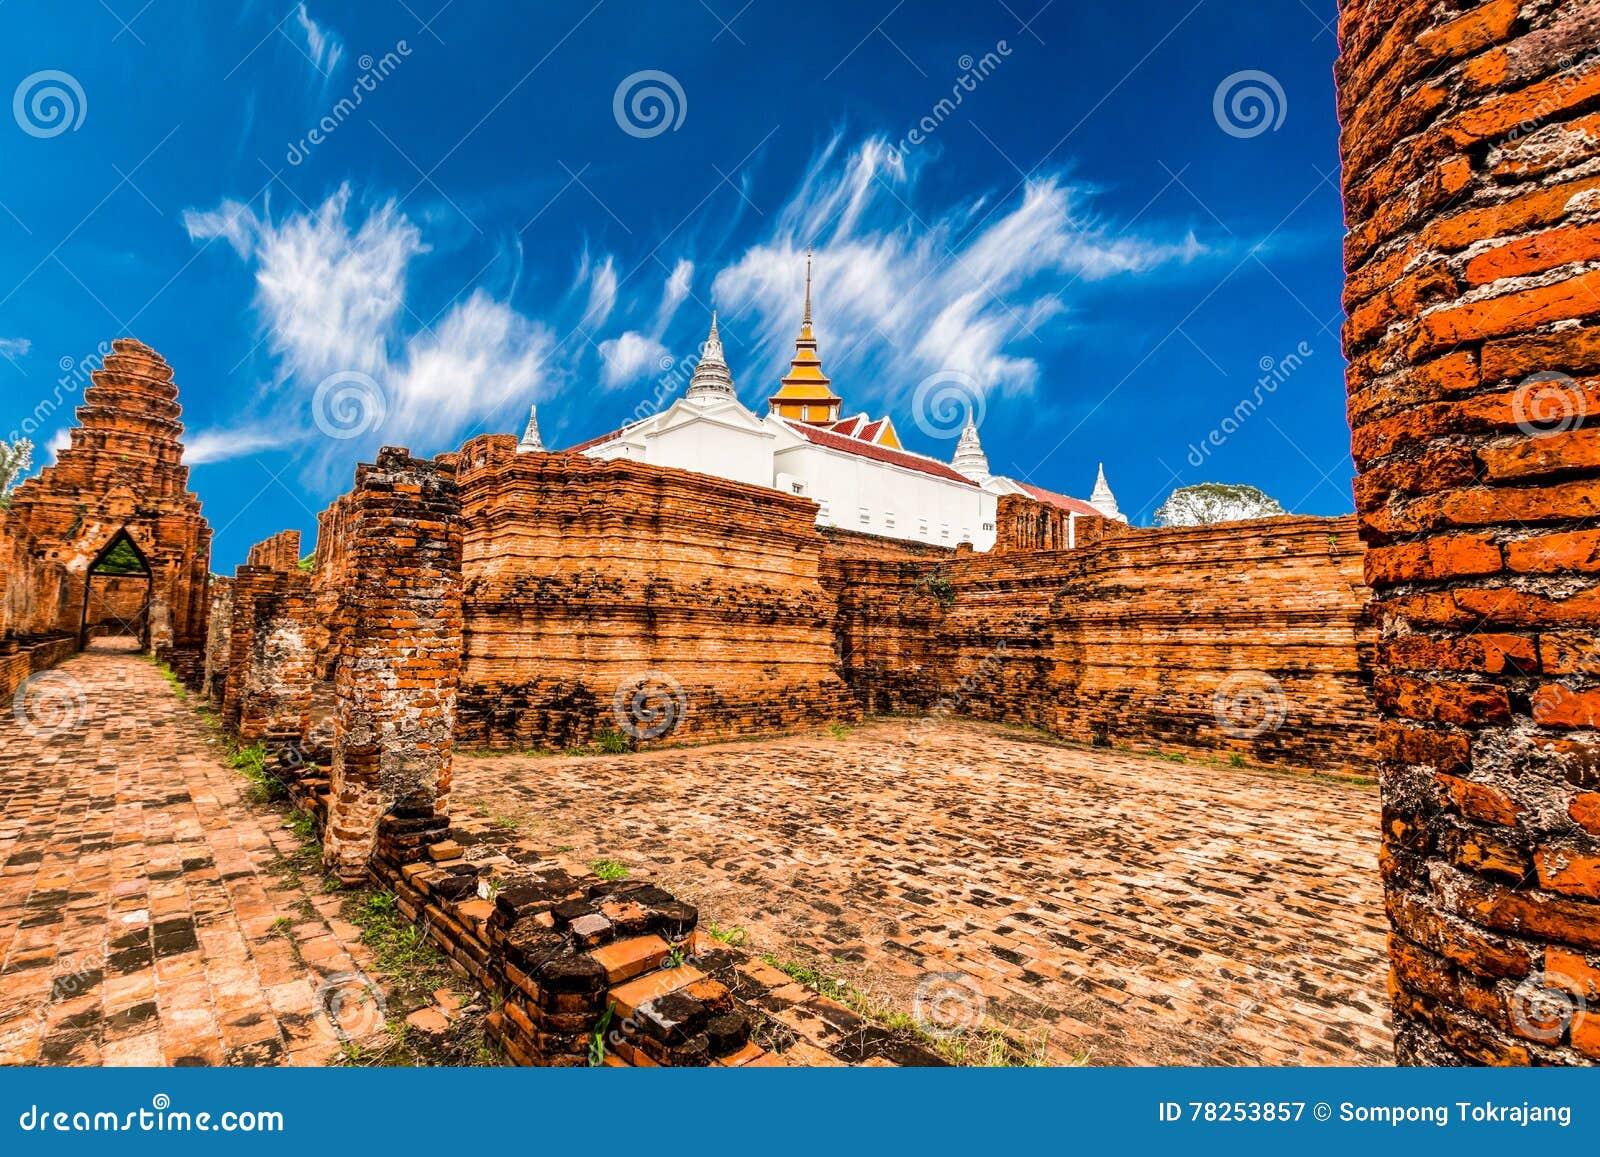 Αρχαιολογική περιοχή σε Ayutthaya